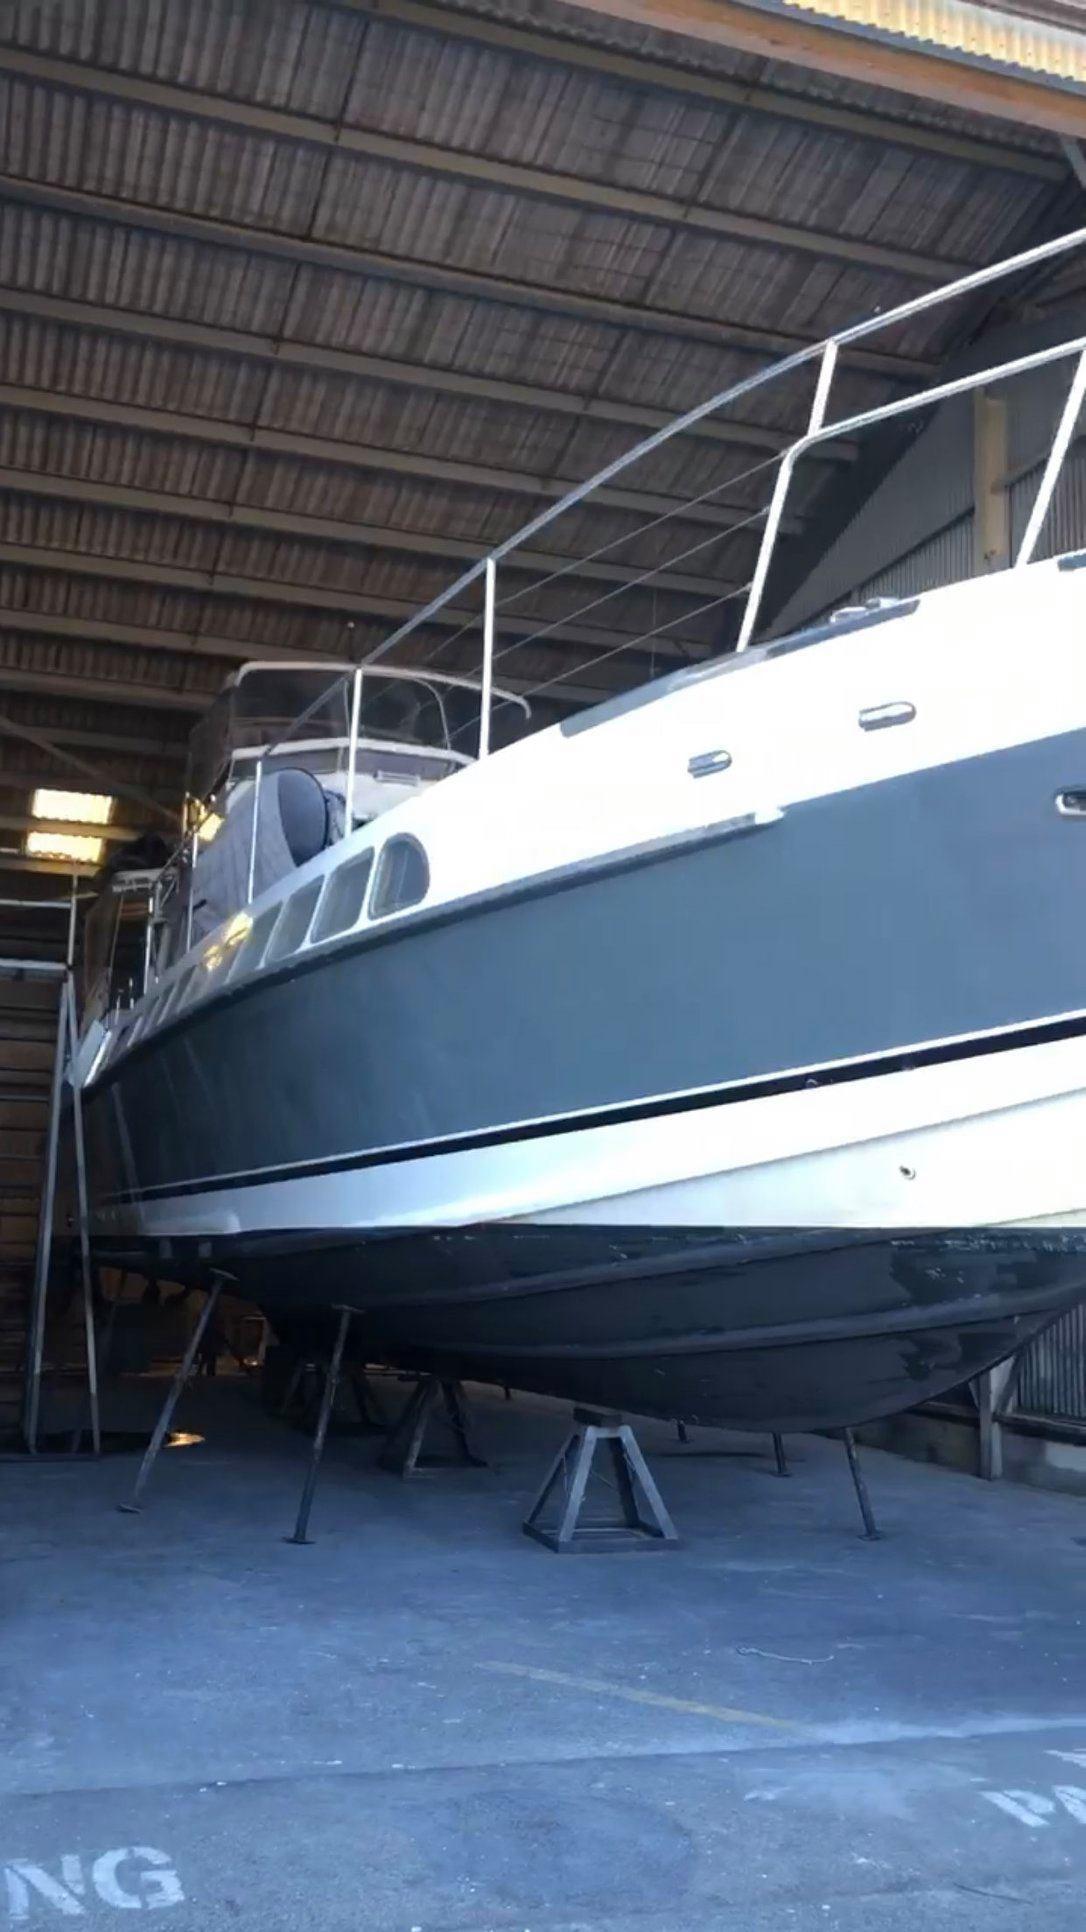 Boat-Rot-Repairs.jpg